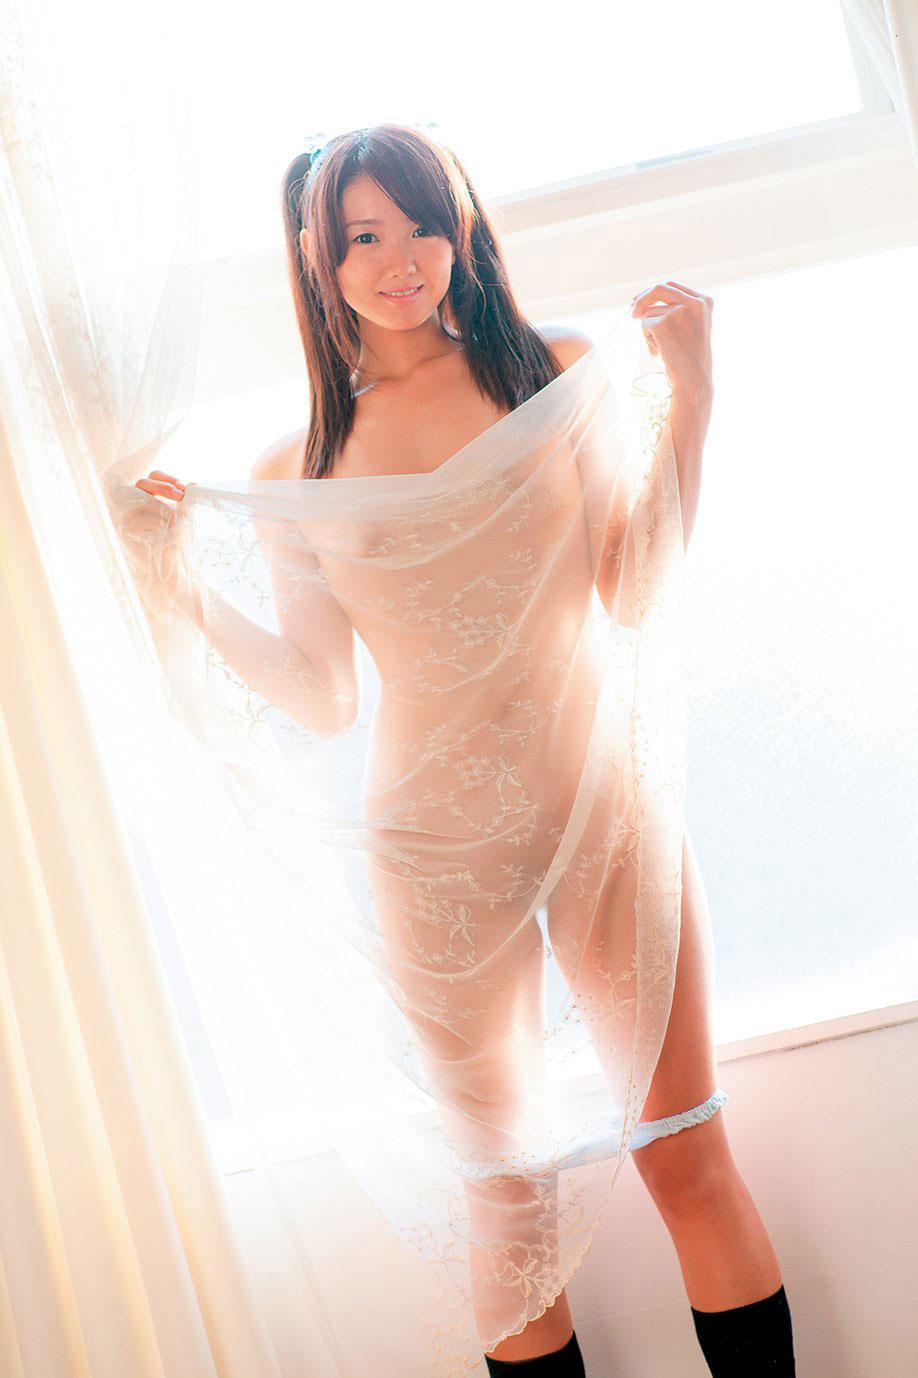 着衣状態で乳首が透けてる女性 (17)